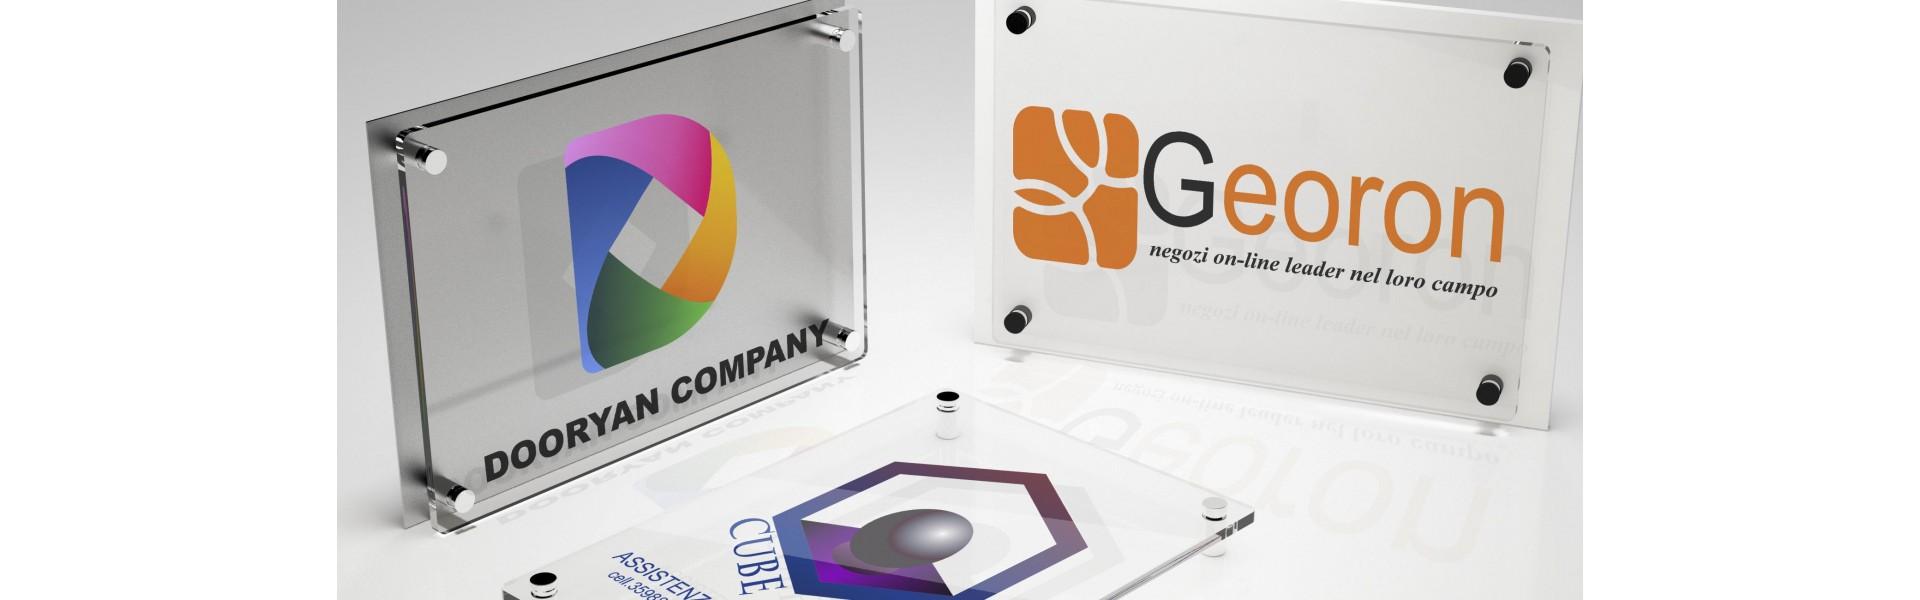 Targhe Pubblicitarie in Plexiglass | Stampa UV Led 4 colori CMYK